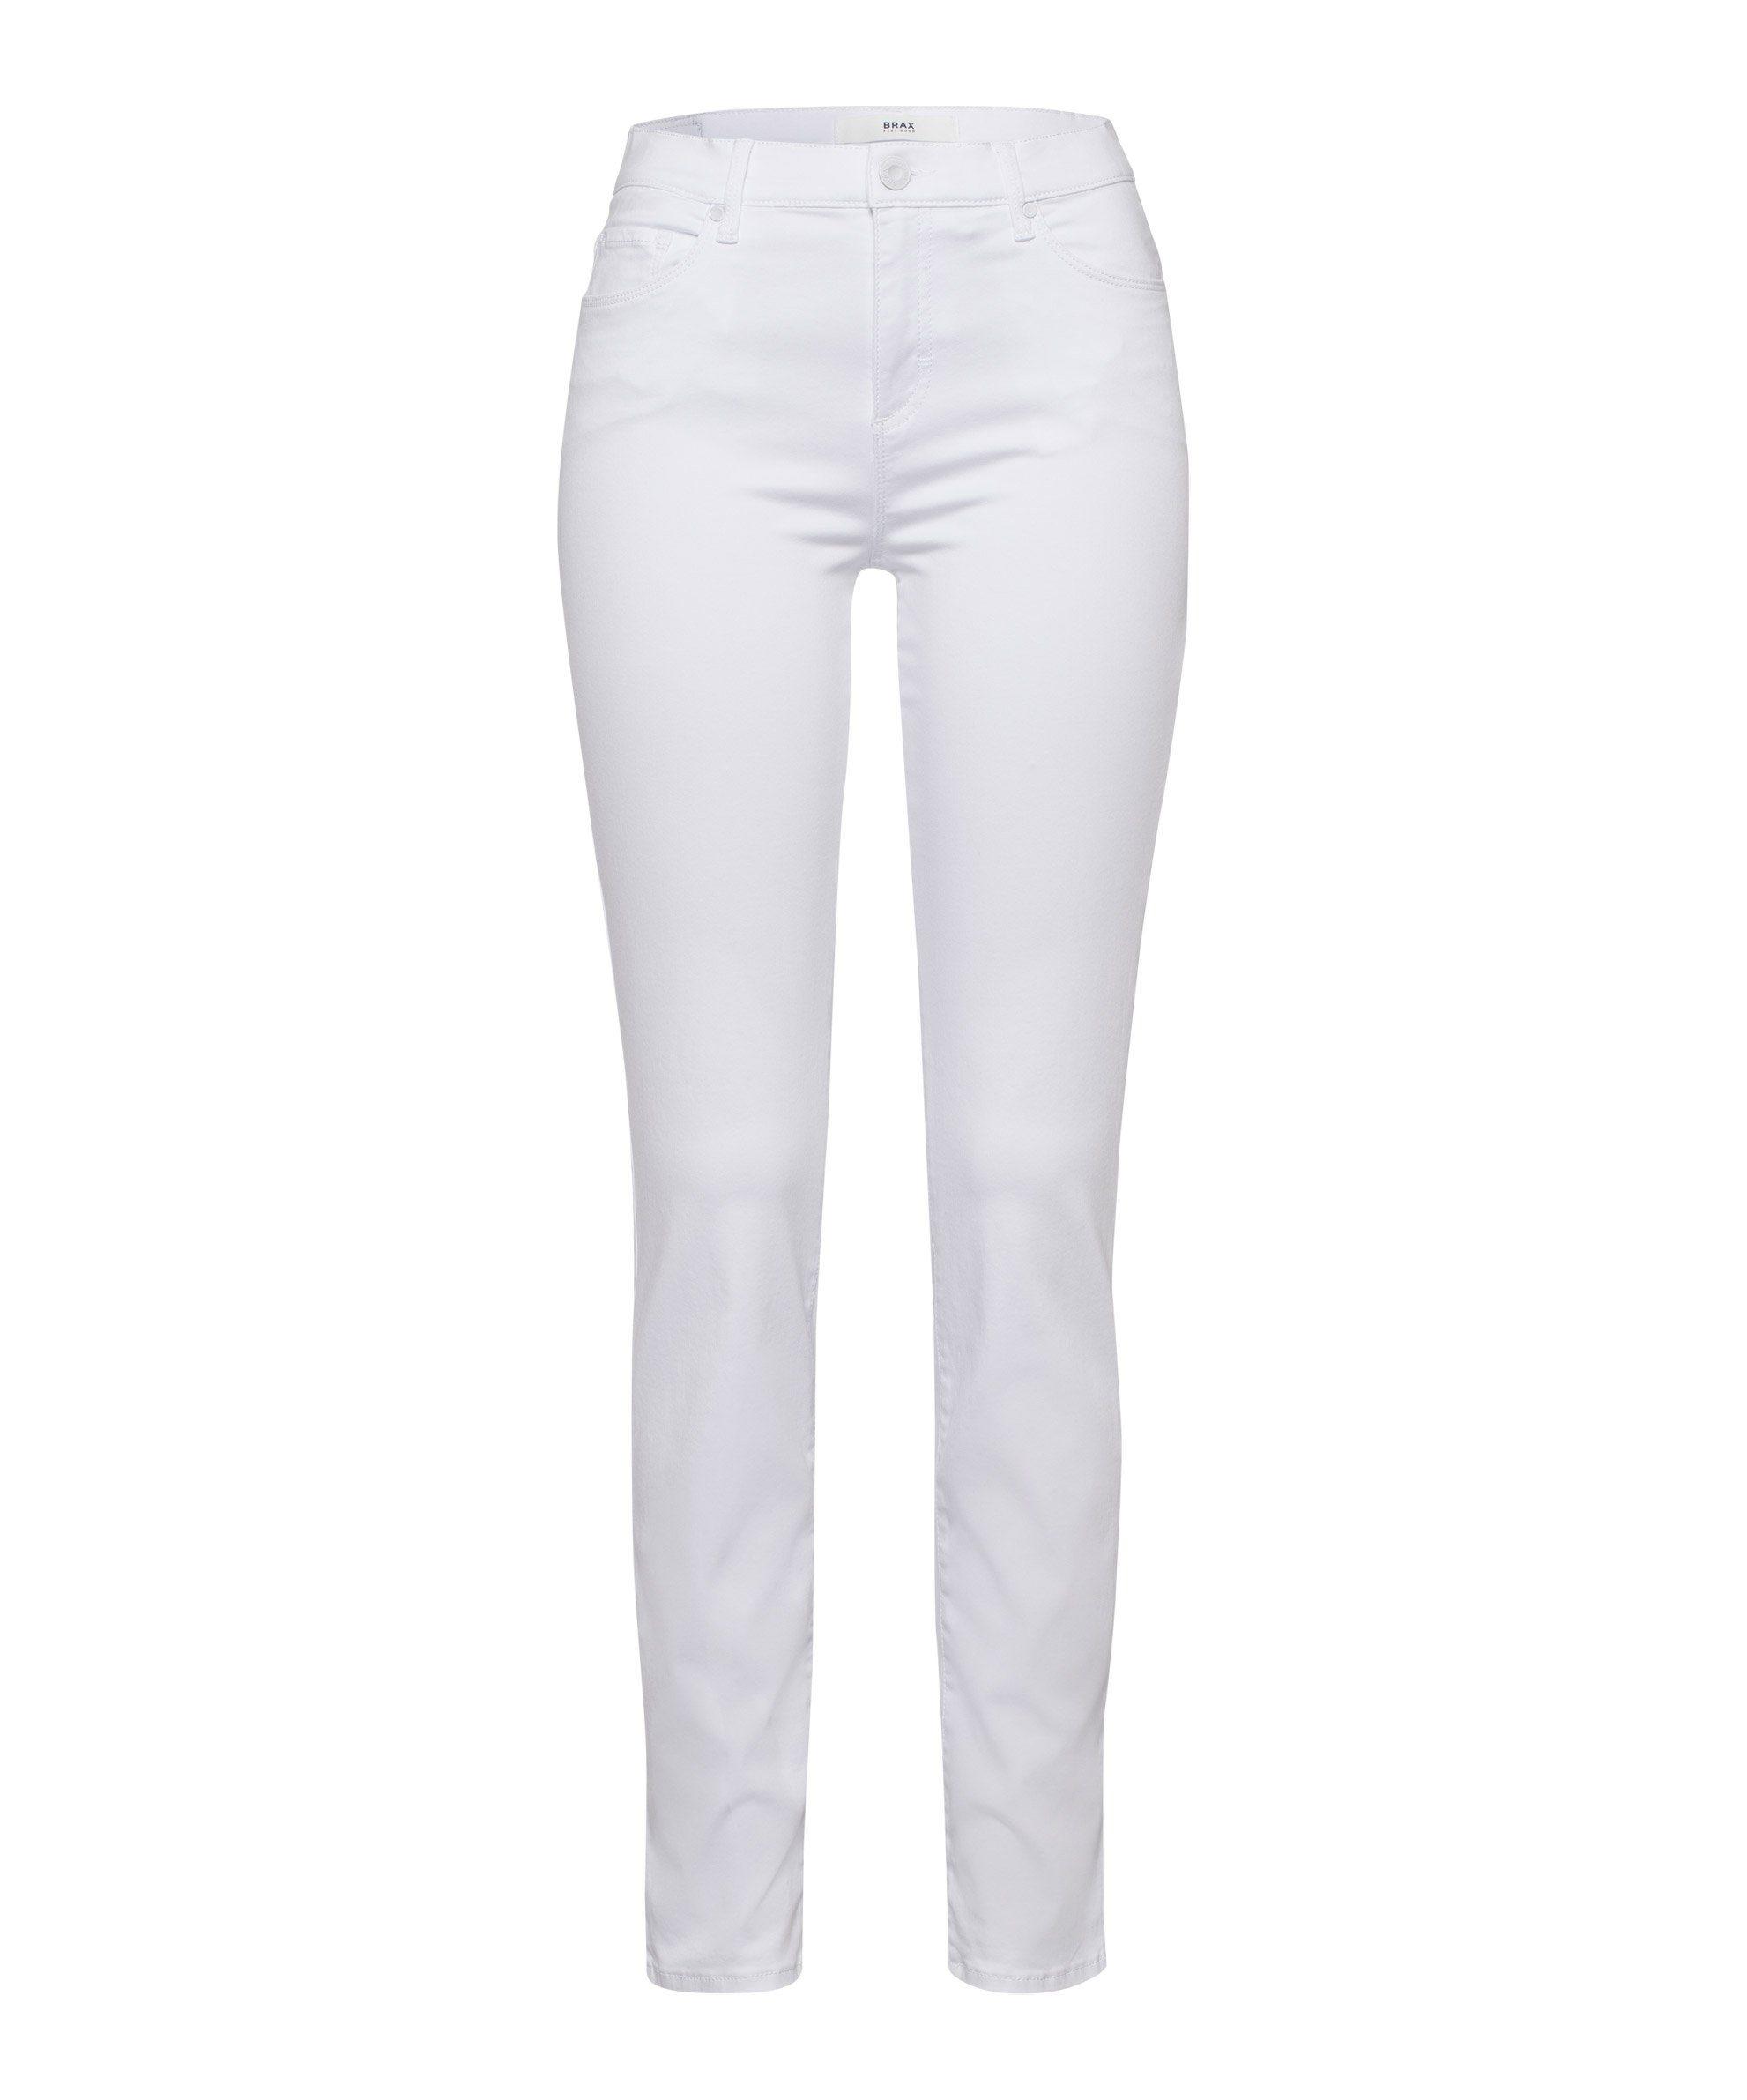 Brax Boyfriend Jeans »Style Shakira«, Five Pocket Taschen online kaufen | OTTO